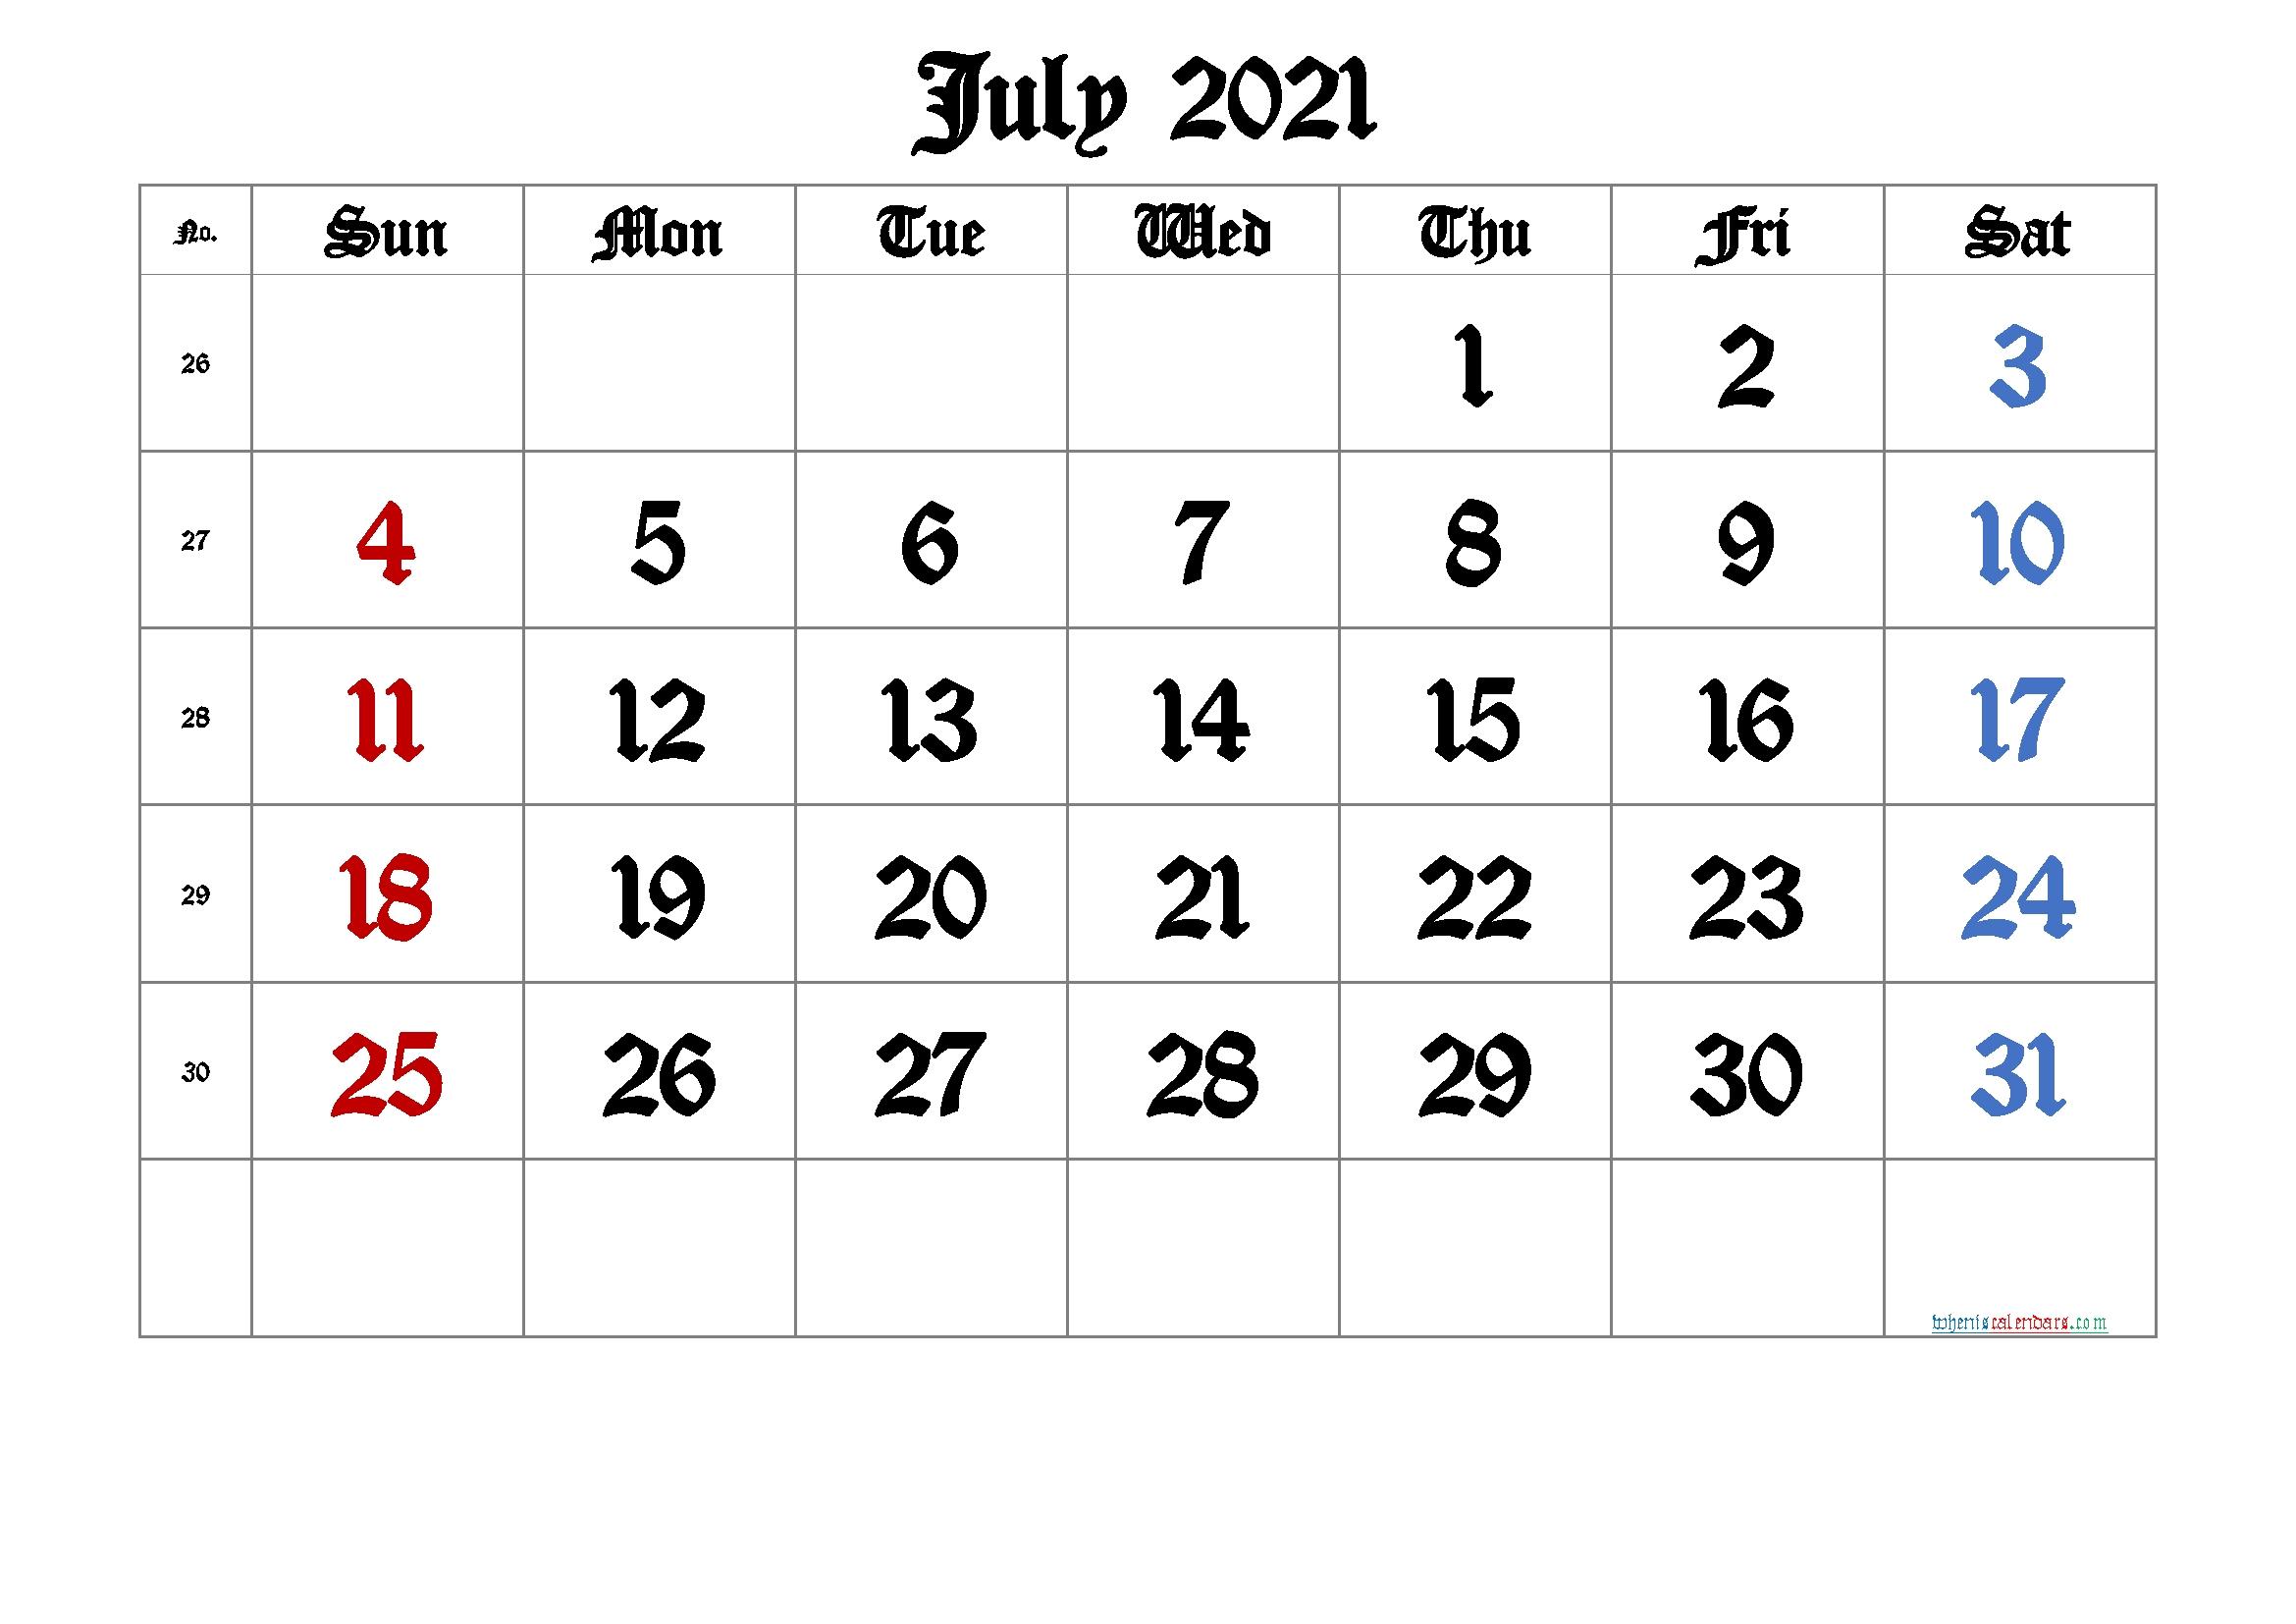 July 2021 Printable Calendar With Week Numbers [Free